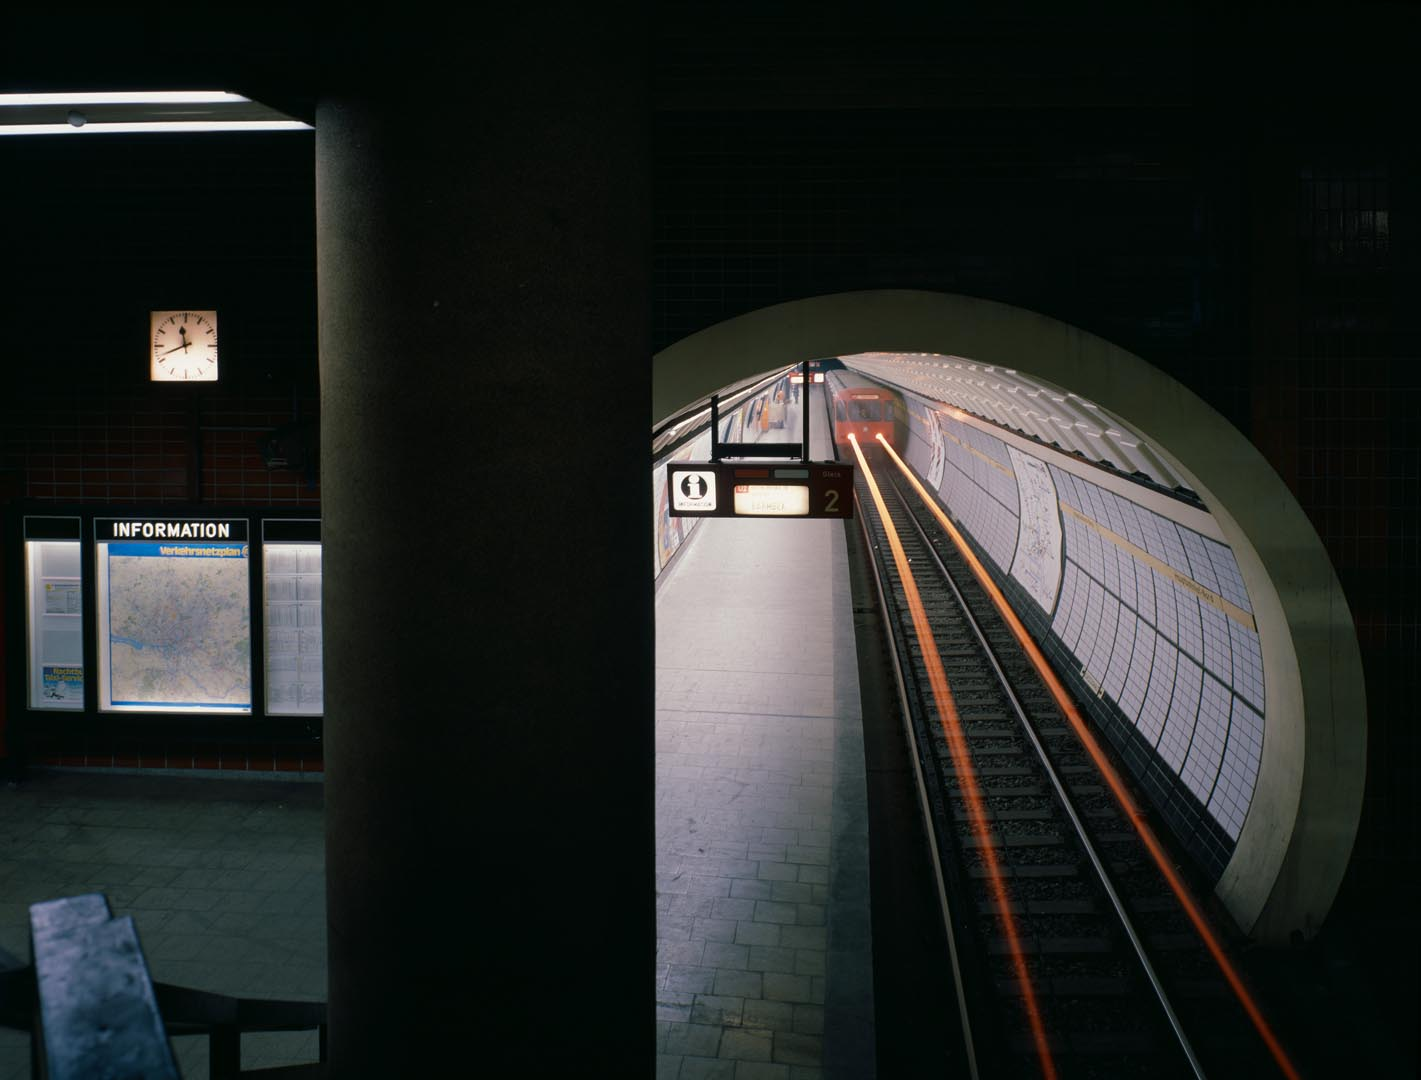 37KF961-106.jpg